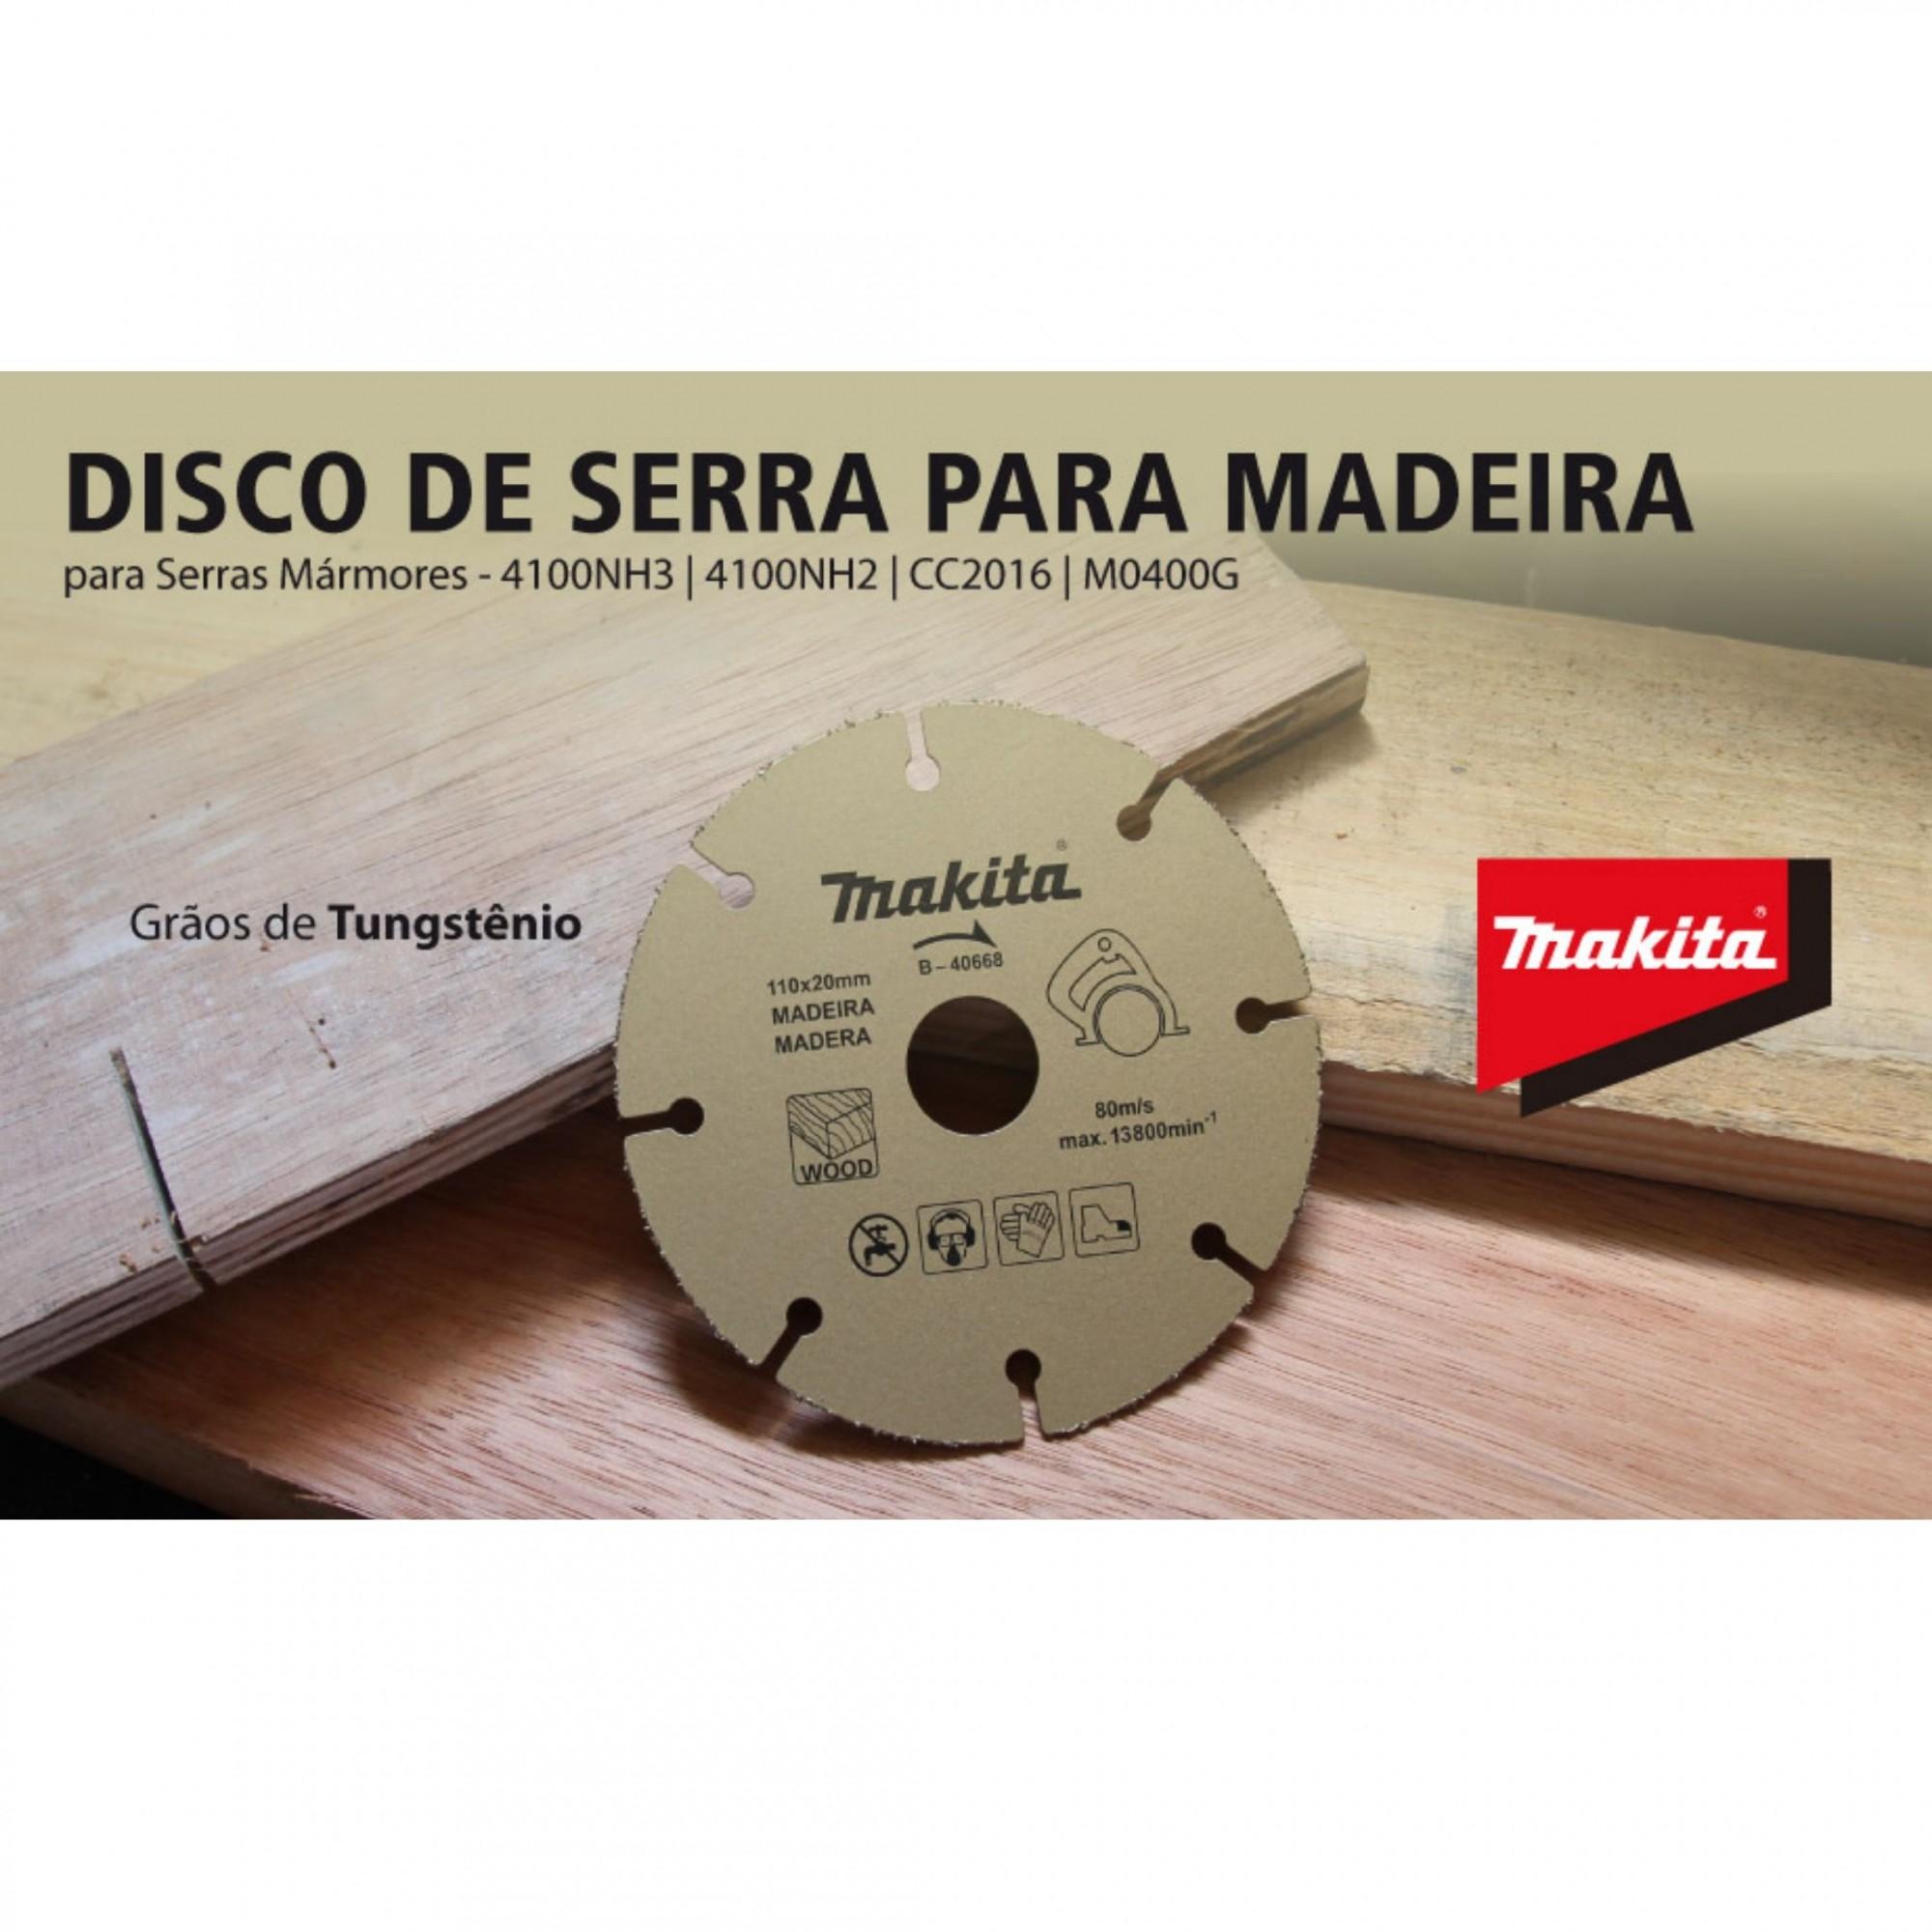 Disco De Serra Para Madeira de Tungstênio B40668 Makita